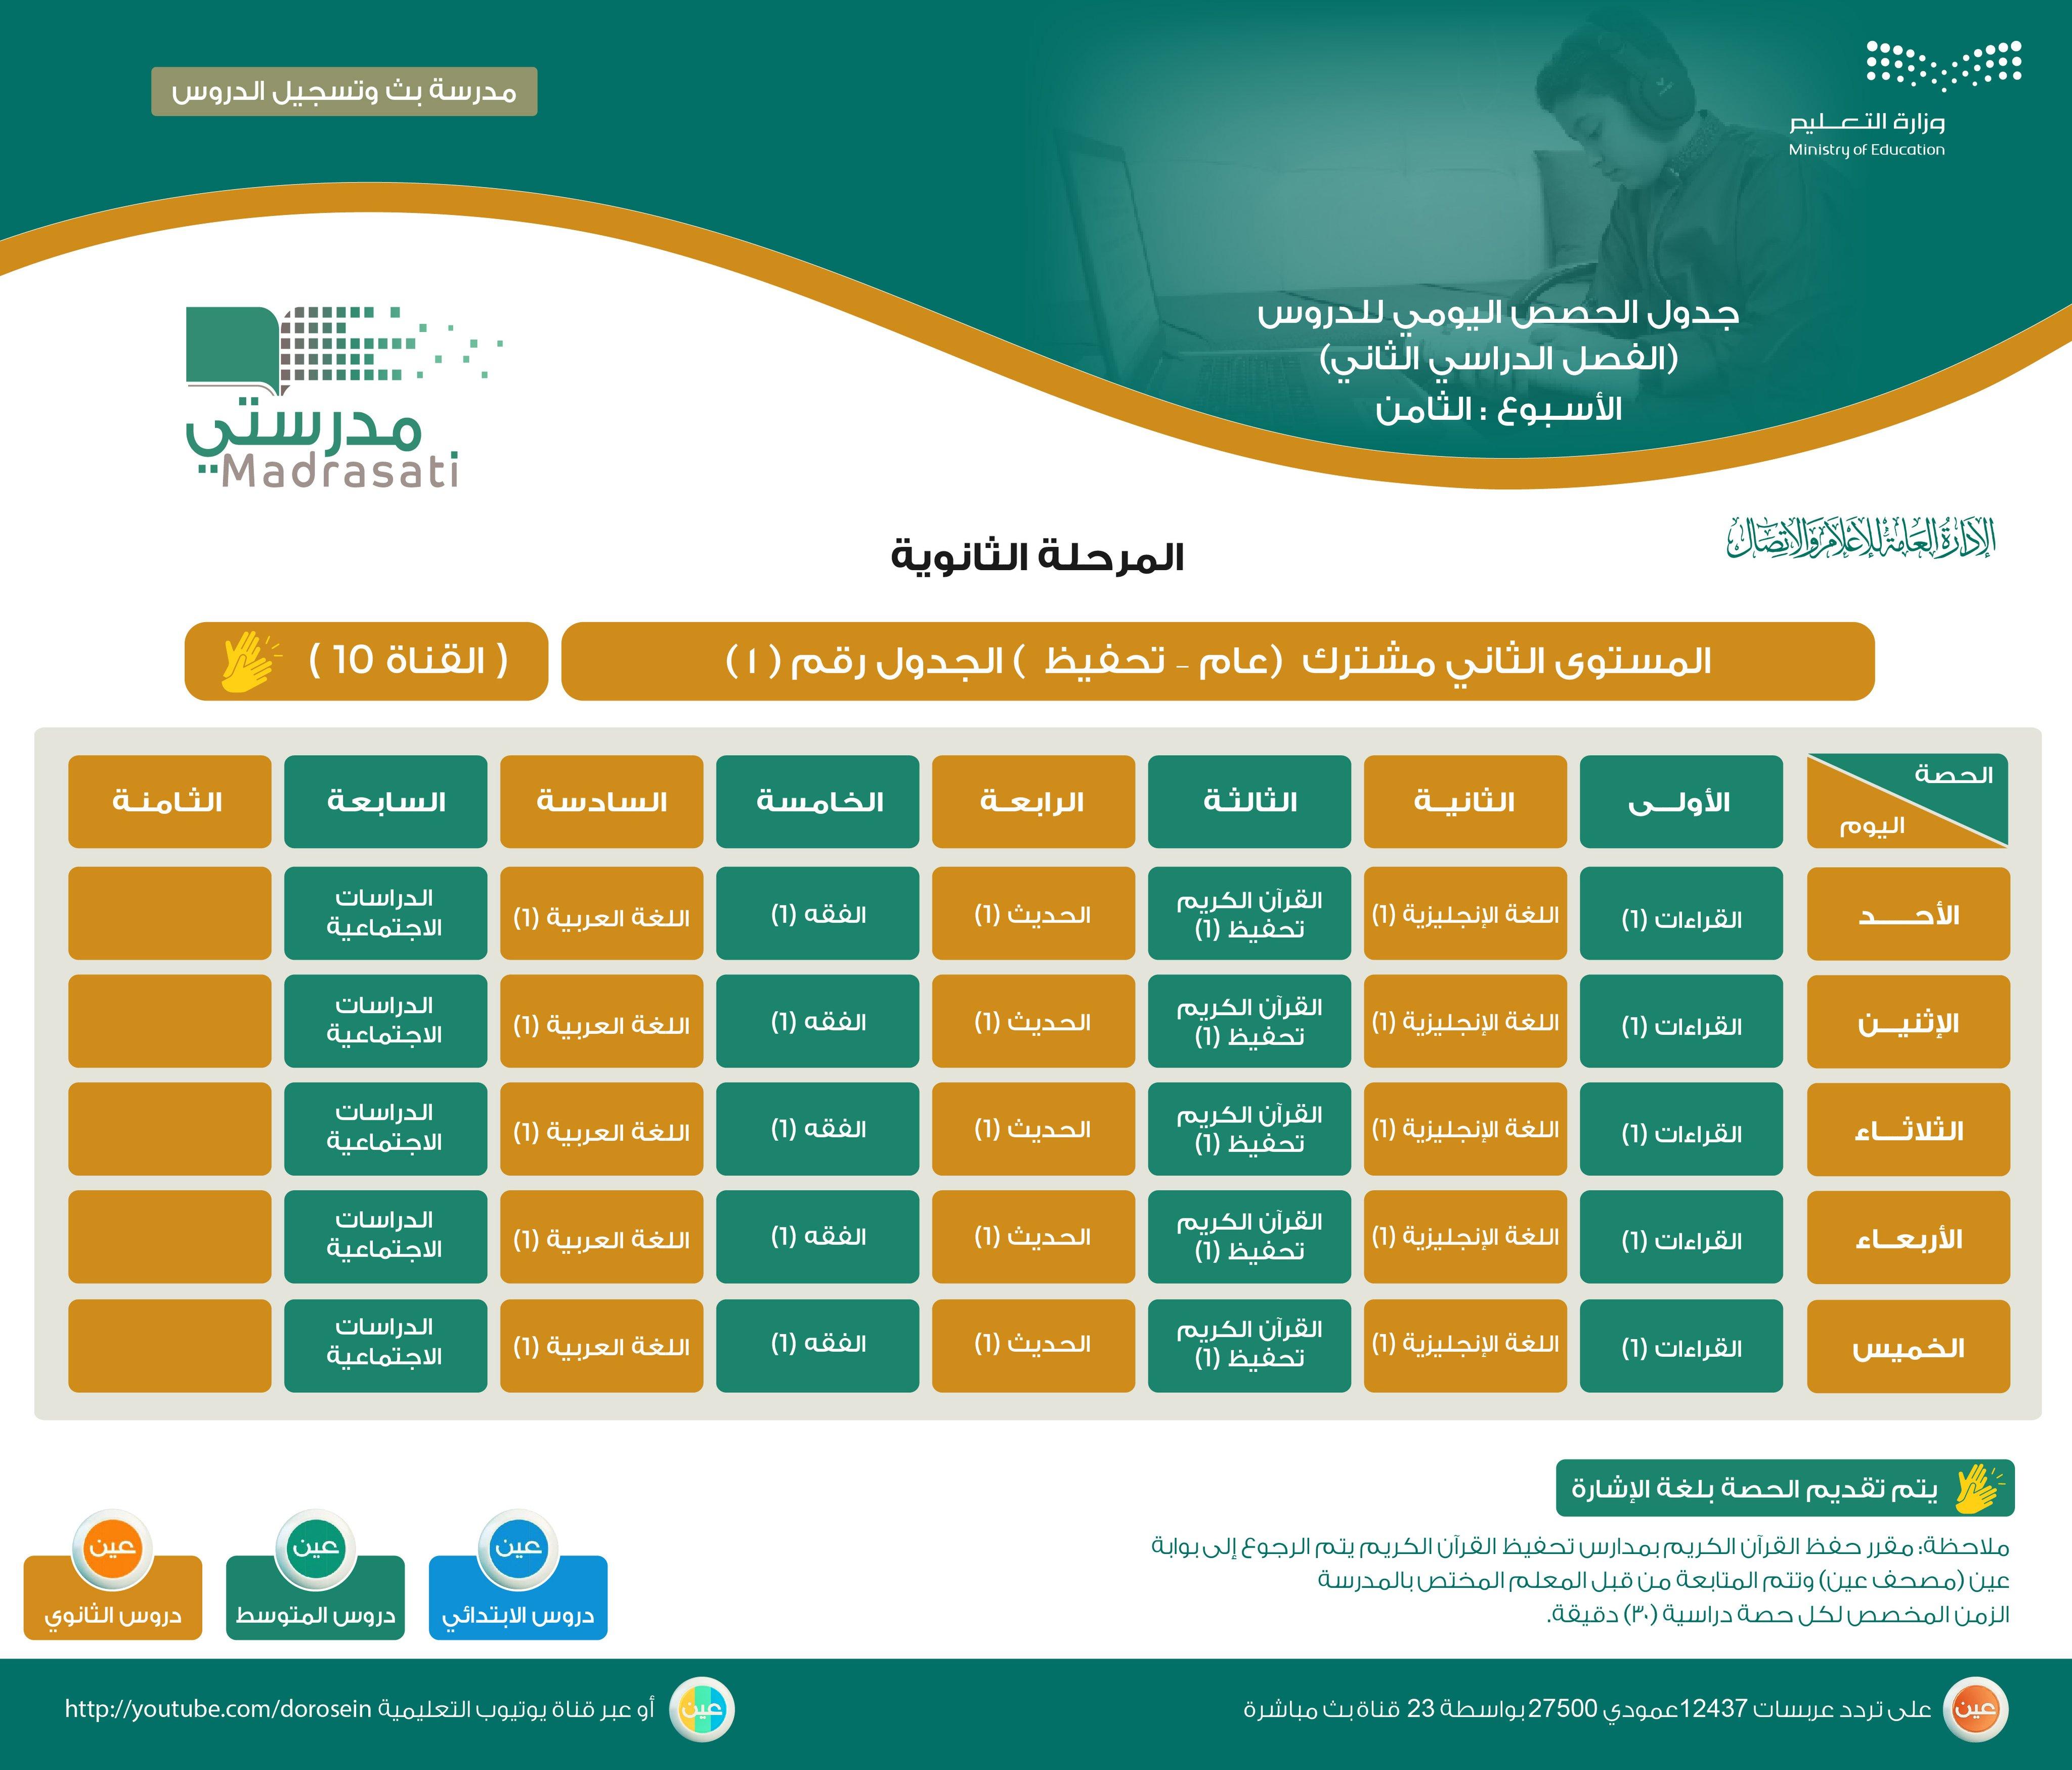 جدول المستوى الثاني (مشترك عام، تحفيظ)